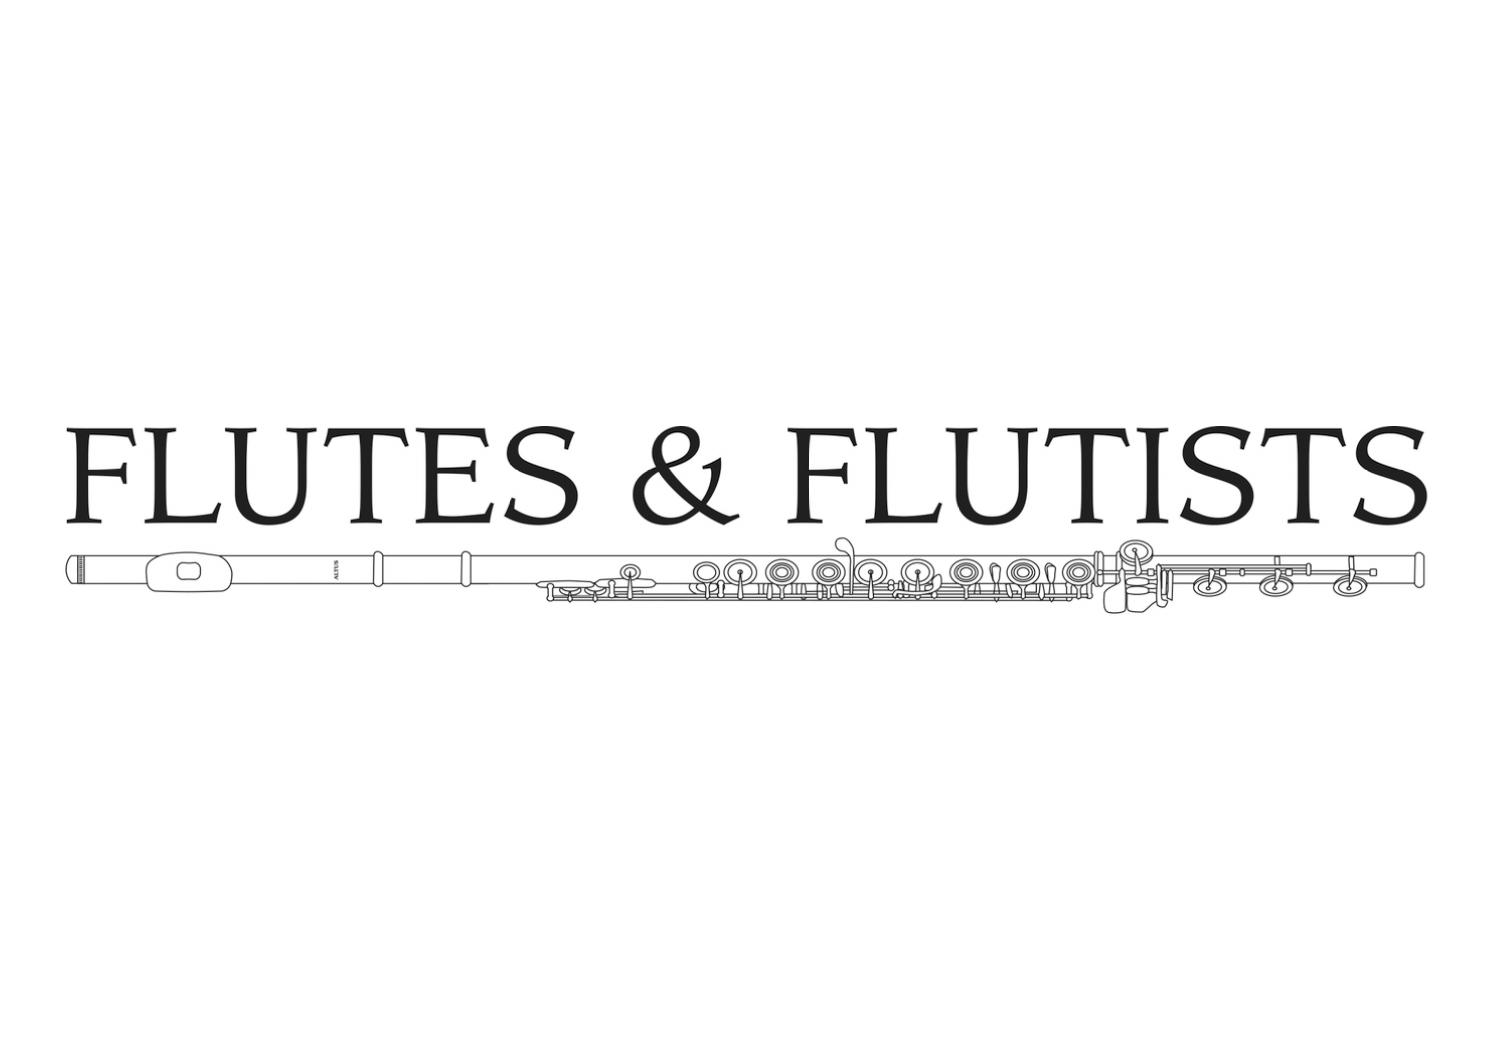 Flutes & Flutists - Aus & NZ